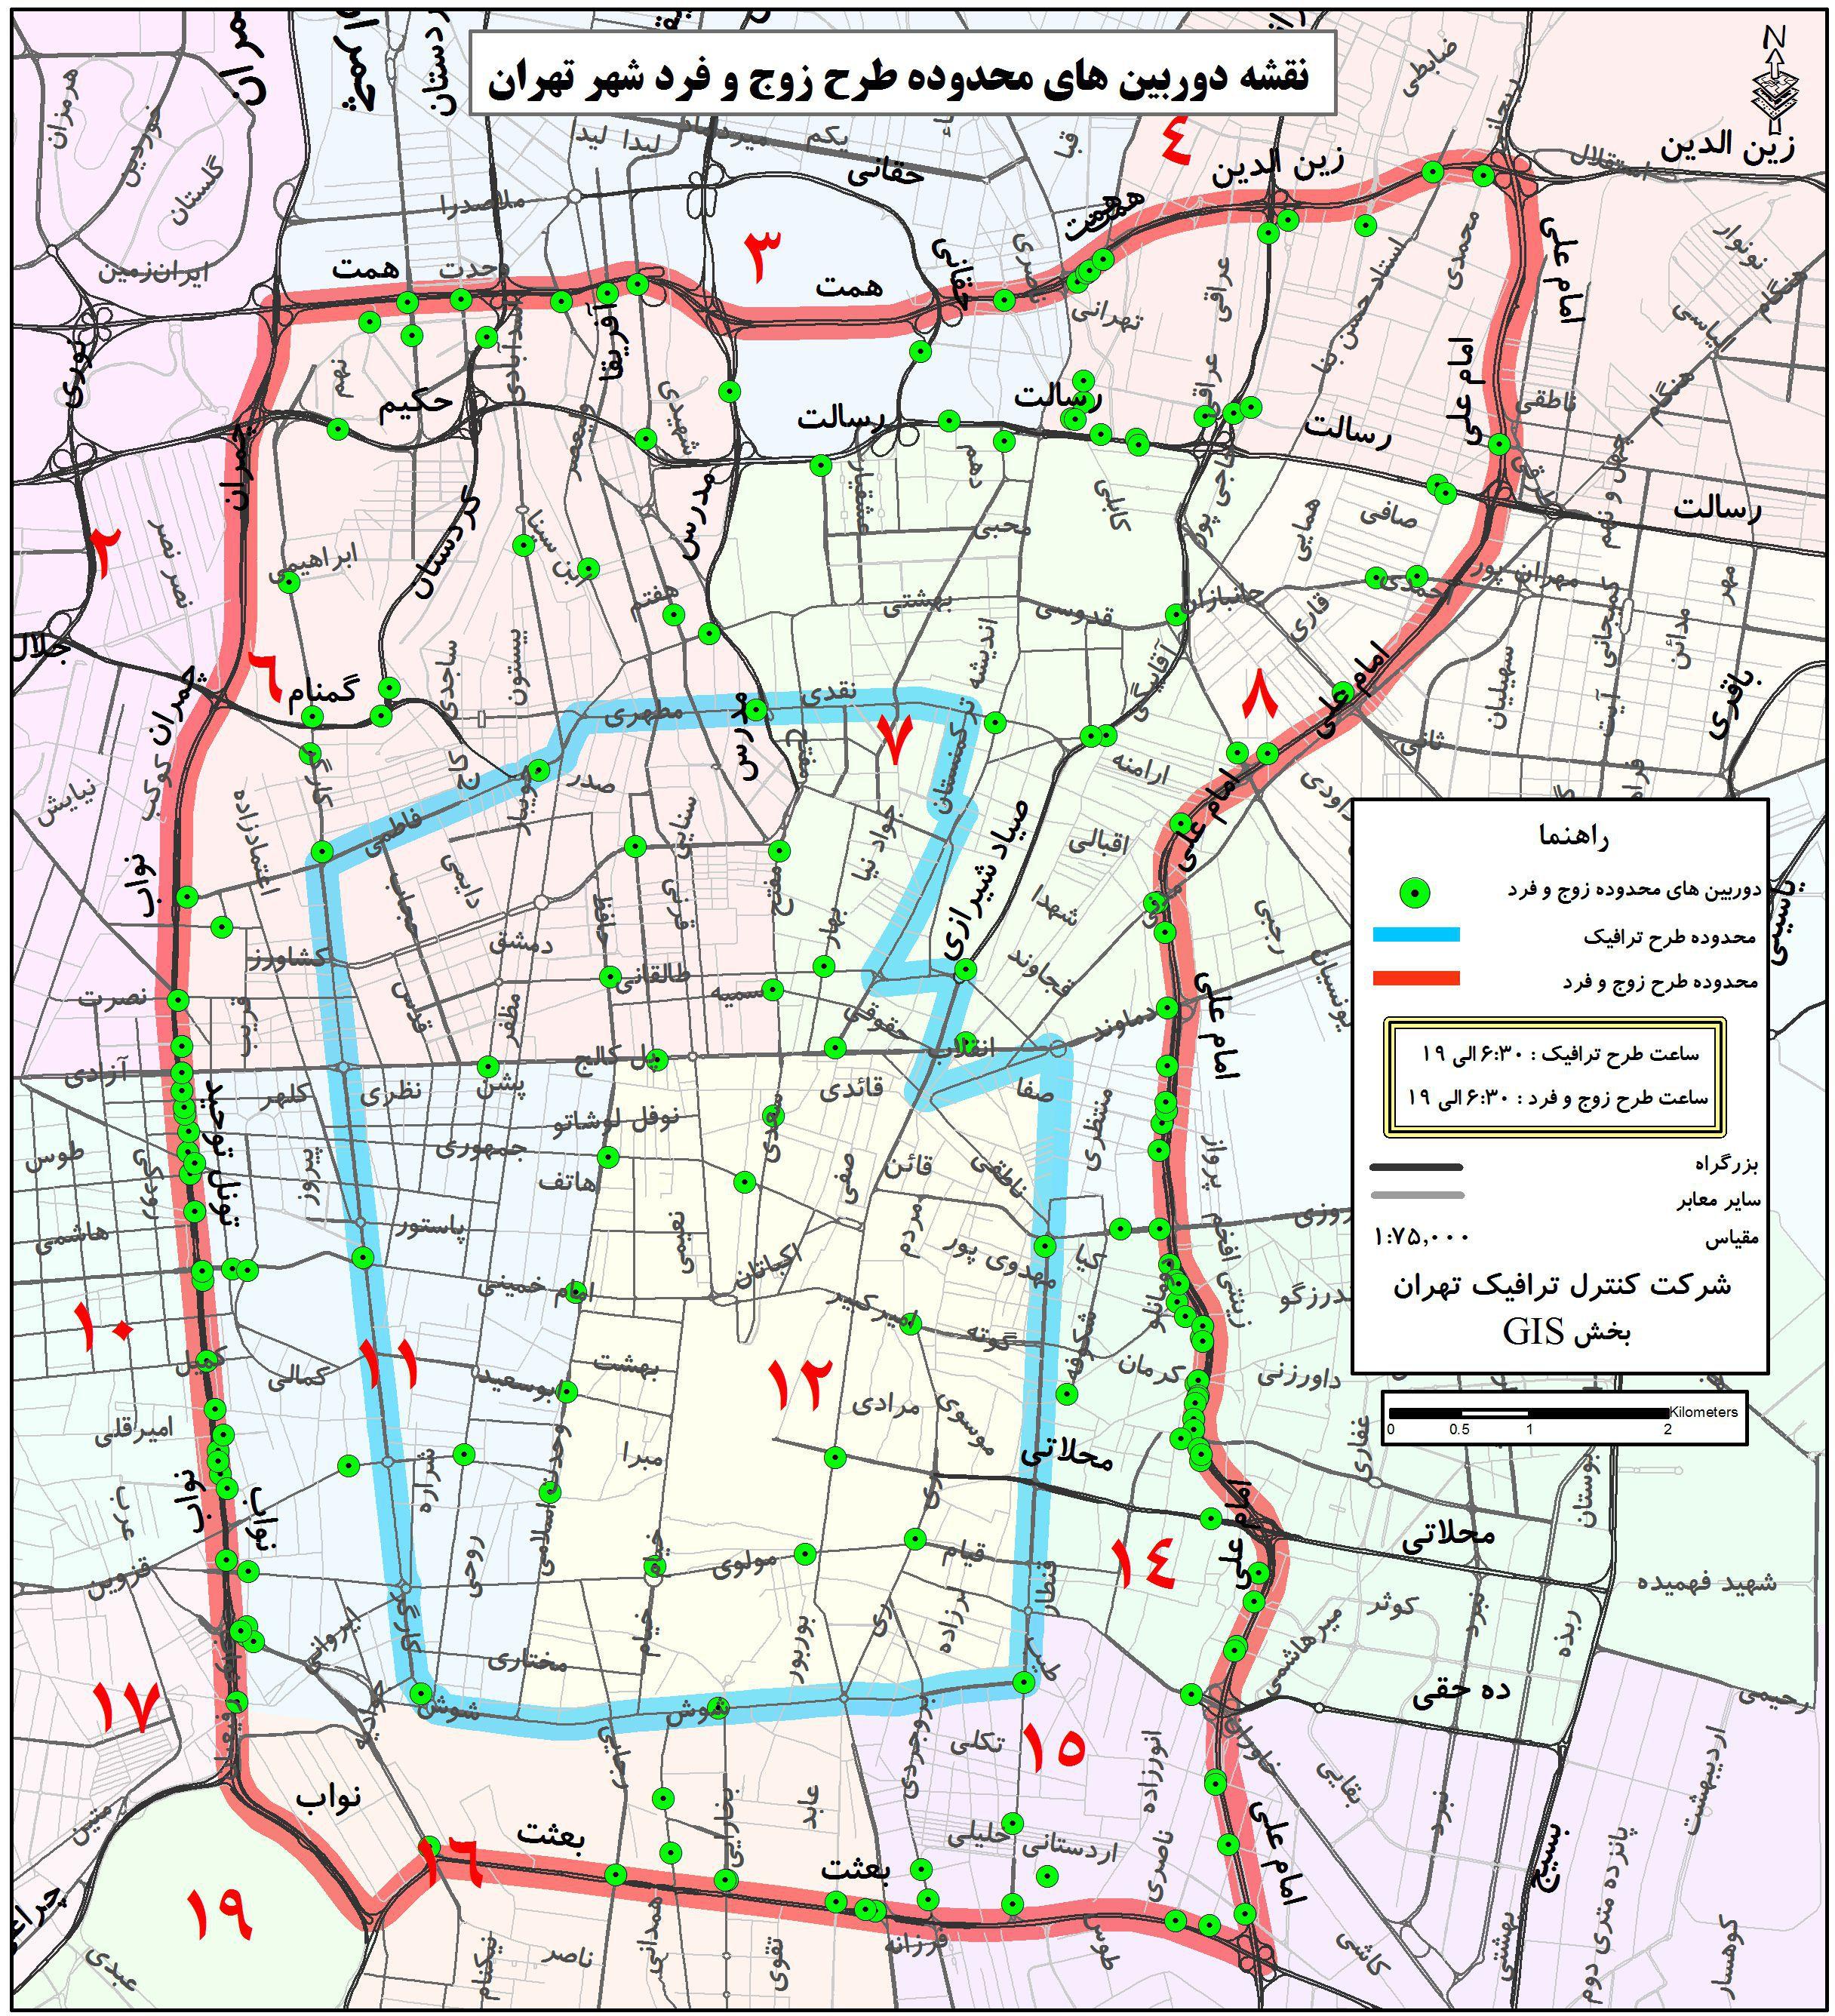 نقشه دوربین های زوج و فرد و طرح ترافیک